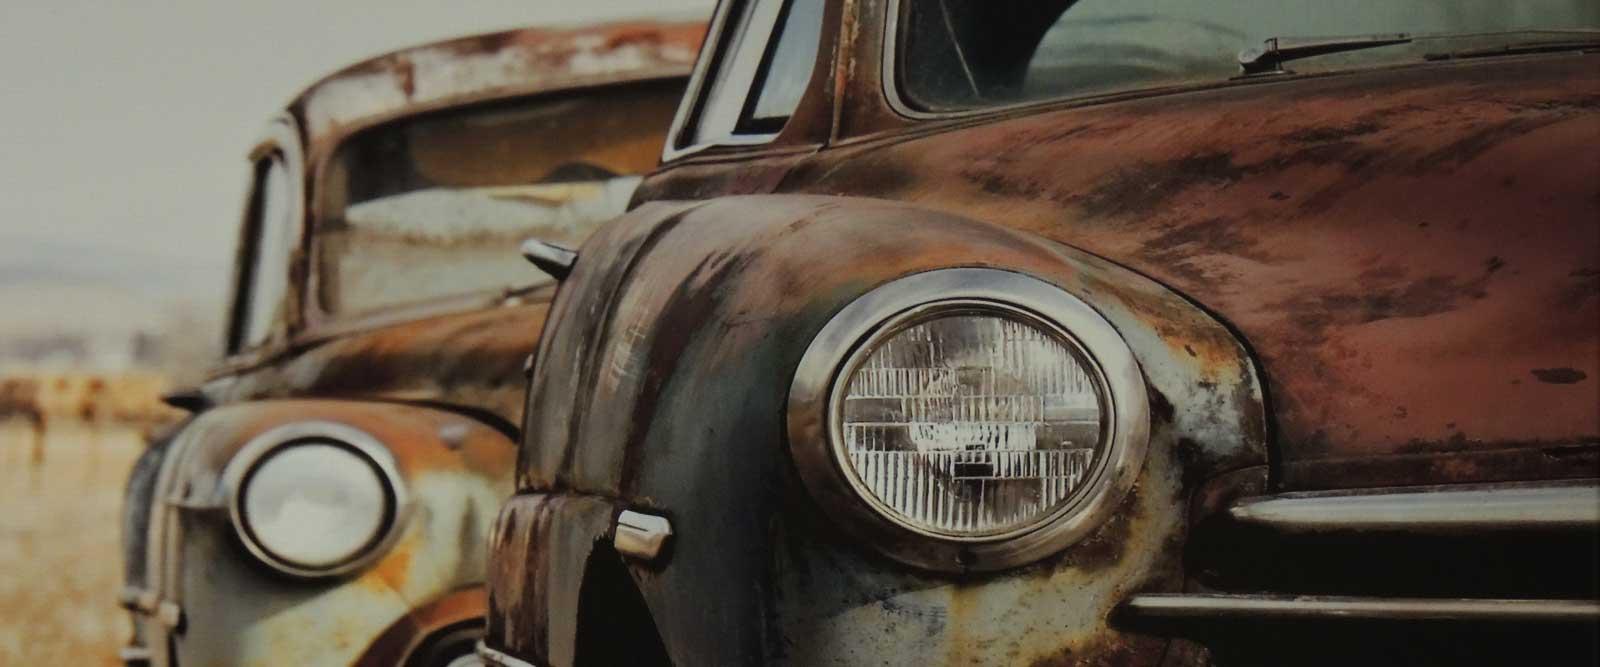 Kasutatud ameerika autode müük